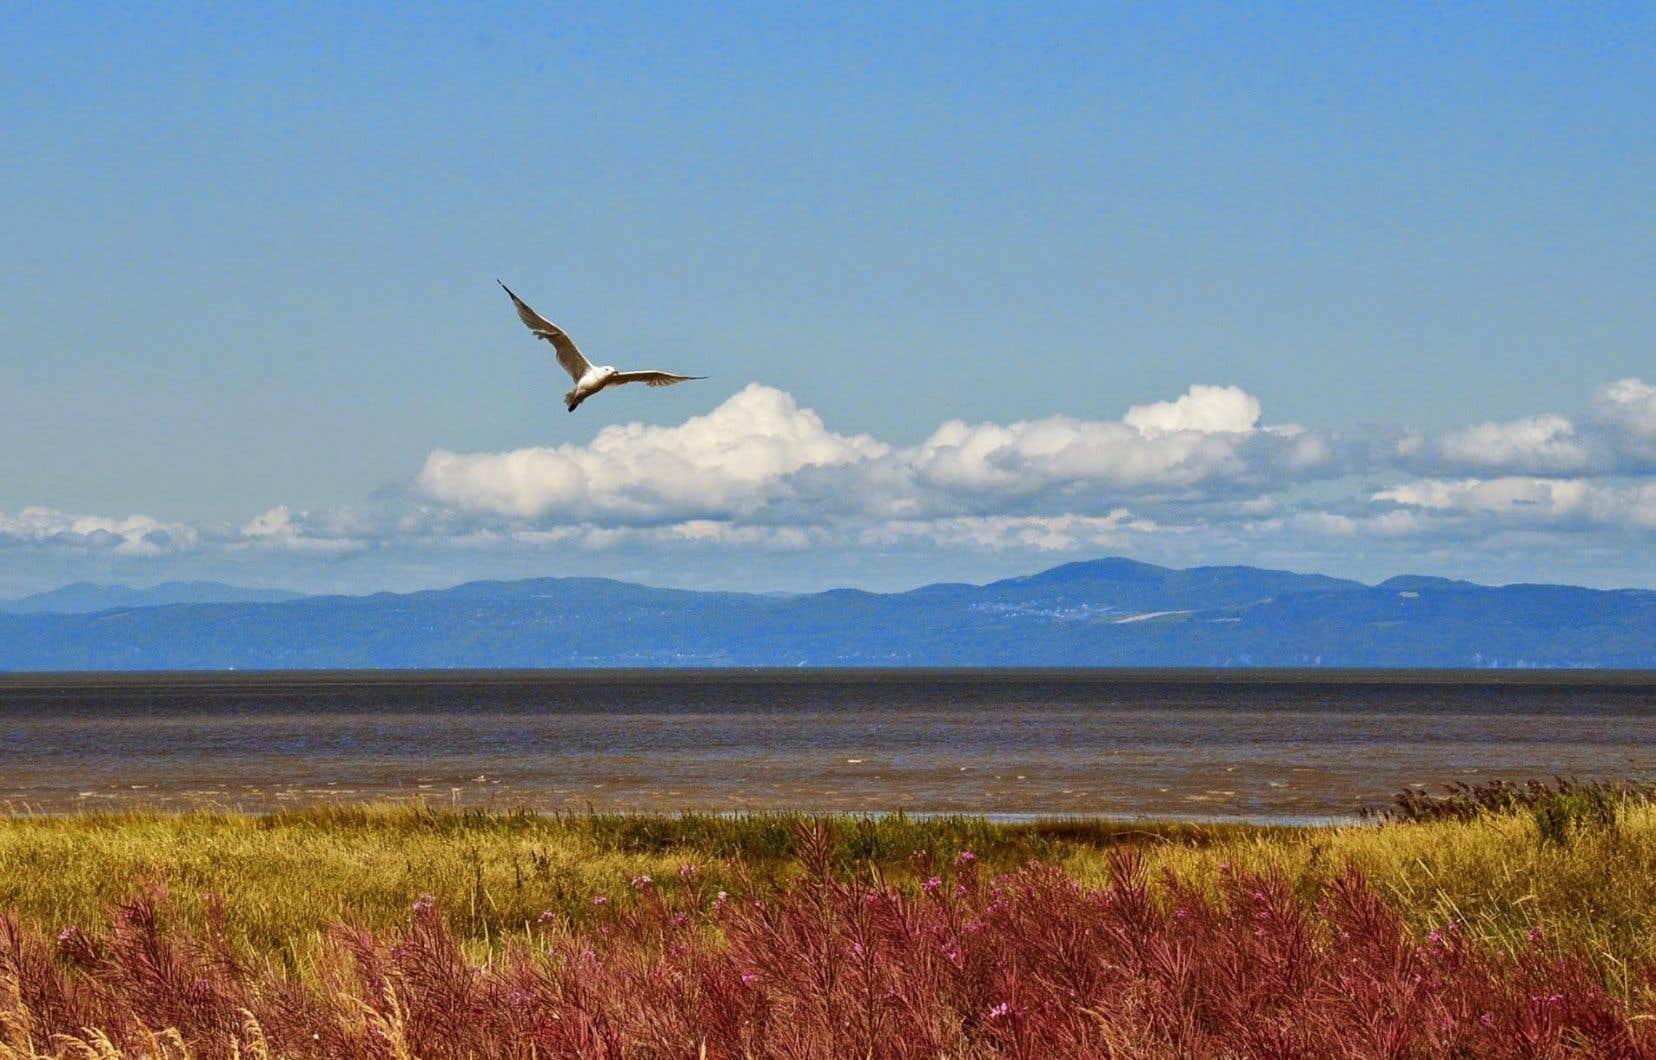 Le Québec s'était engagé à protéger 12% de son territoire d'ici 2015, puis 17% d'ici 2020. Le Bas–Saint-Laurent (notre photo) accuse toutefois un retard, avec seulement 4,5% d'aires protégées.